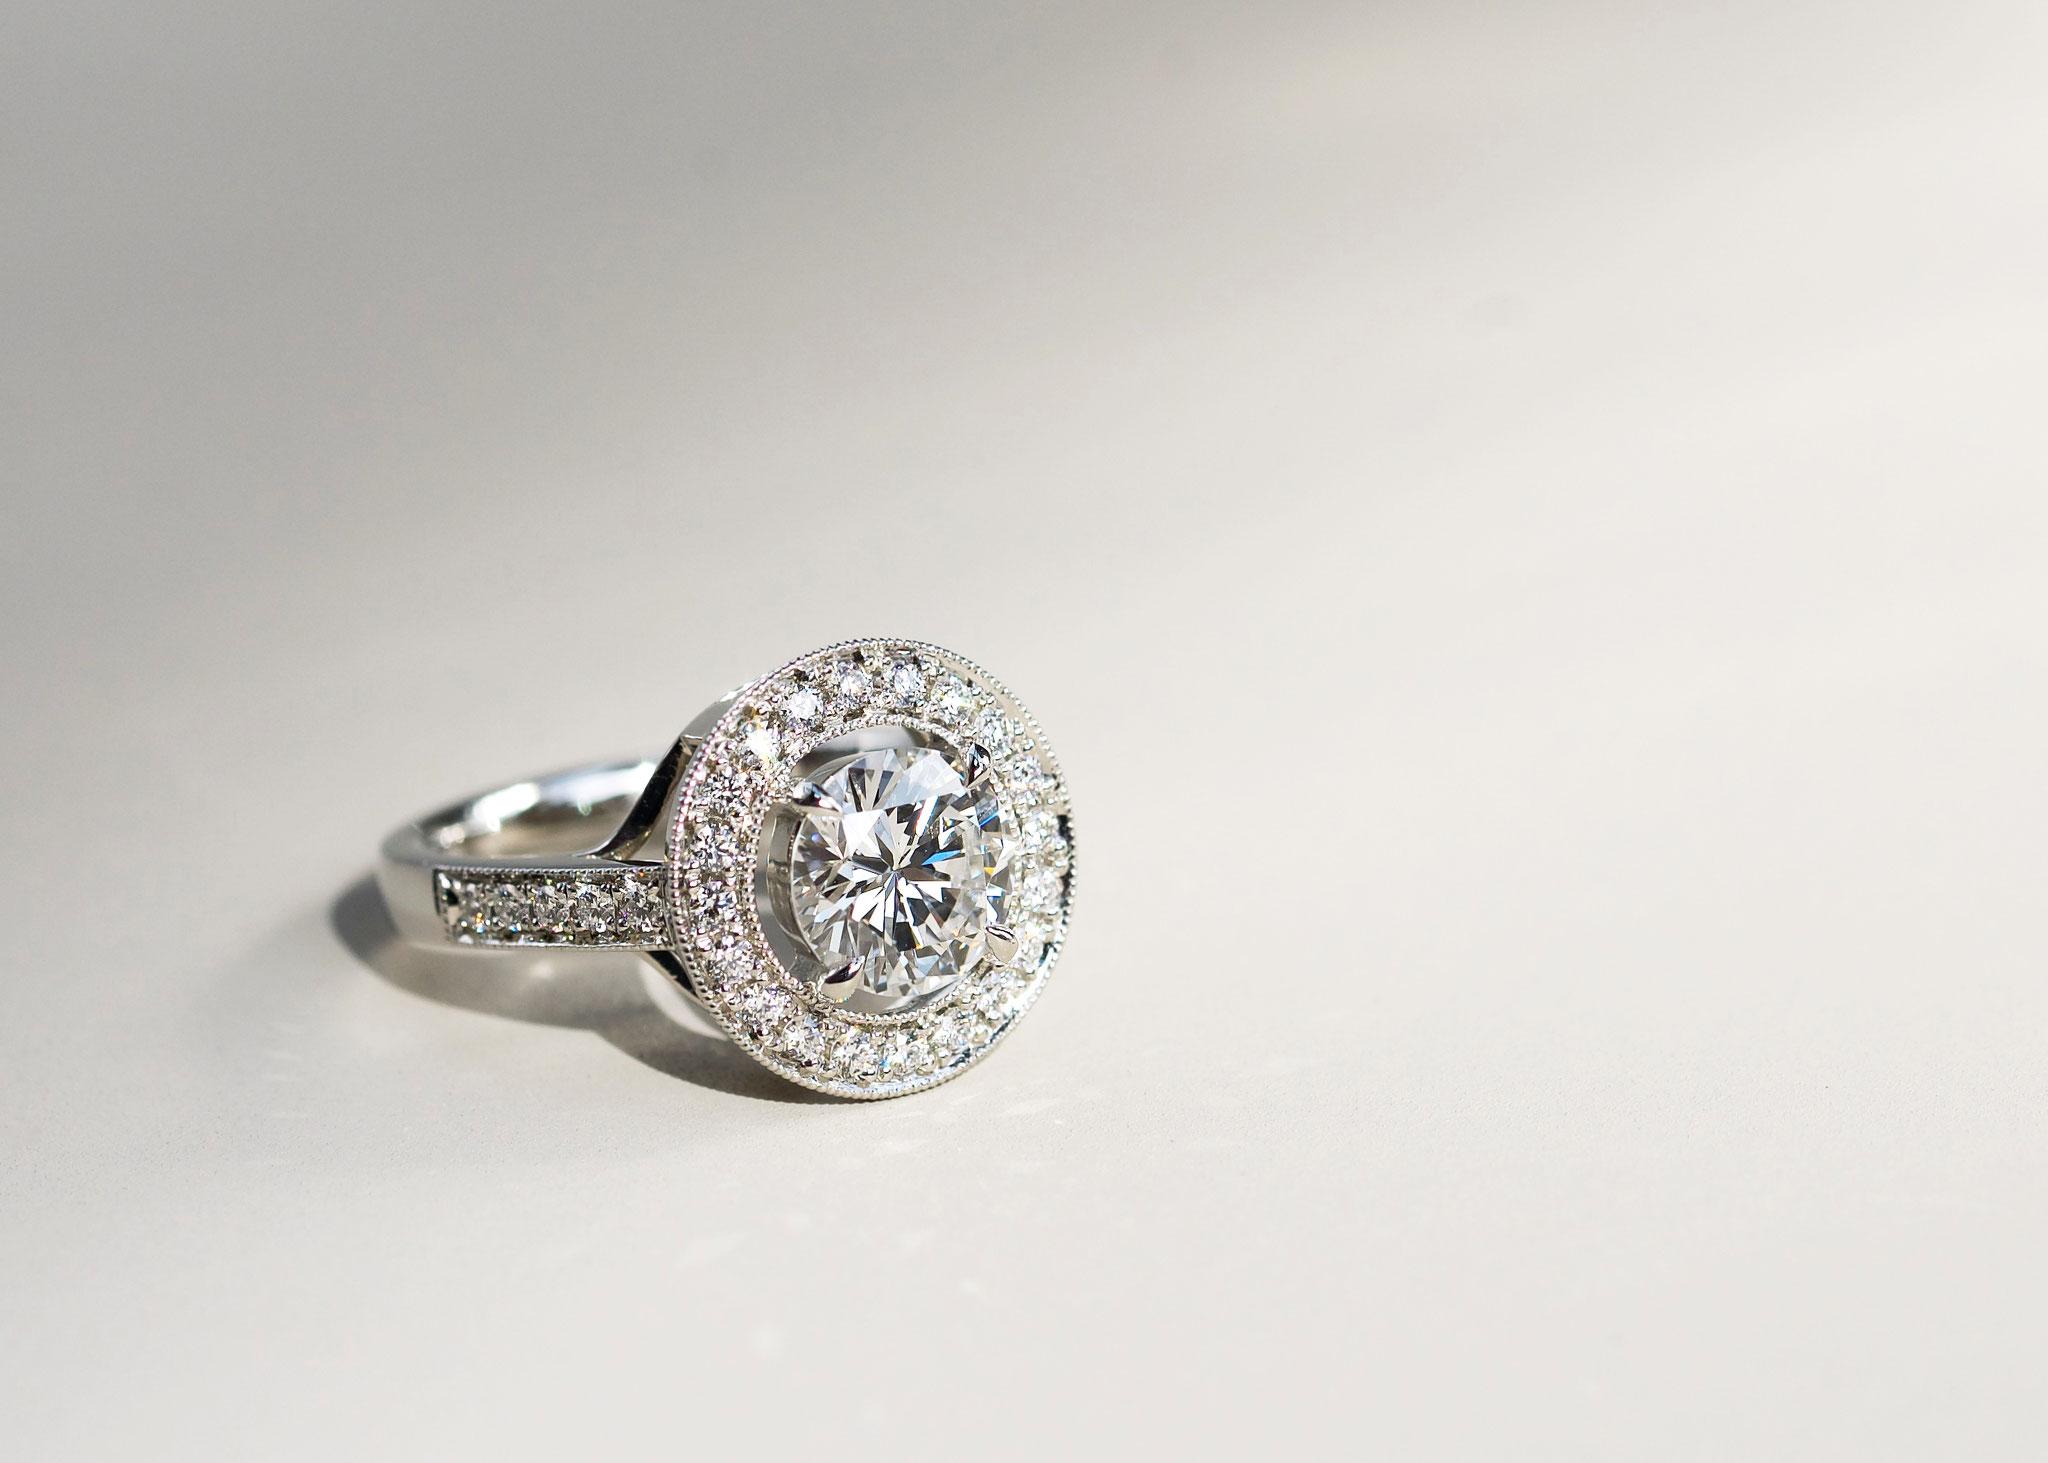 フルオーダーリフォーム Pt950×持ち込みダイヤモンド /1.35ct×メレダイヤモンド 0.3ct/30P